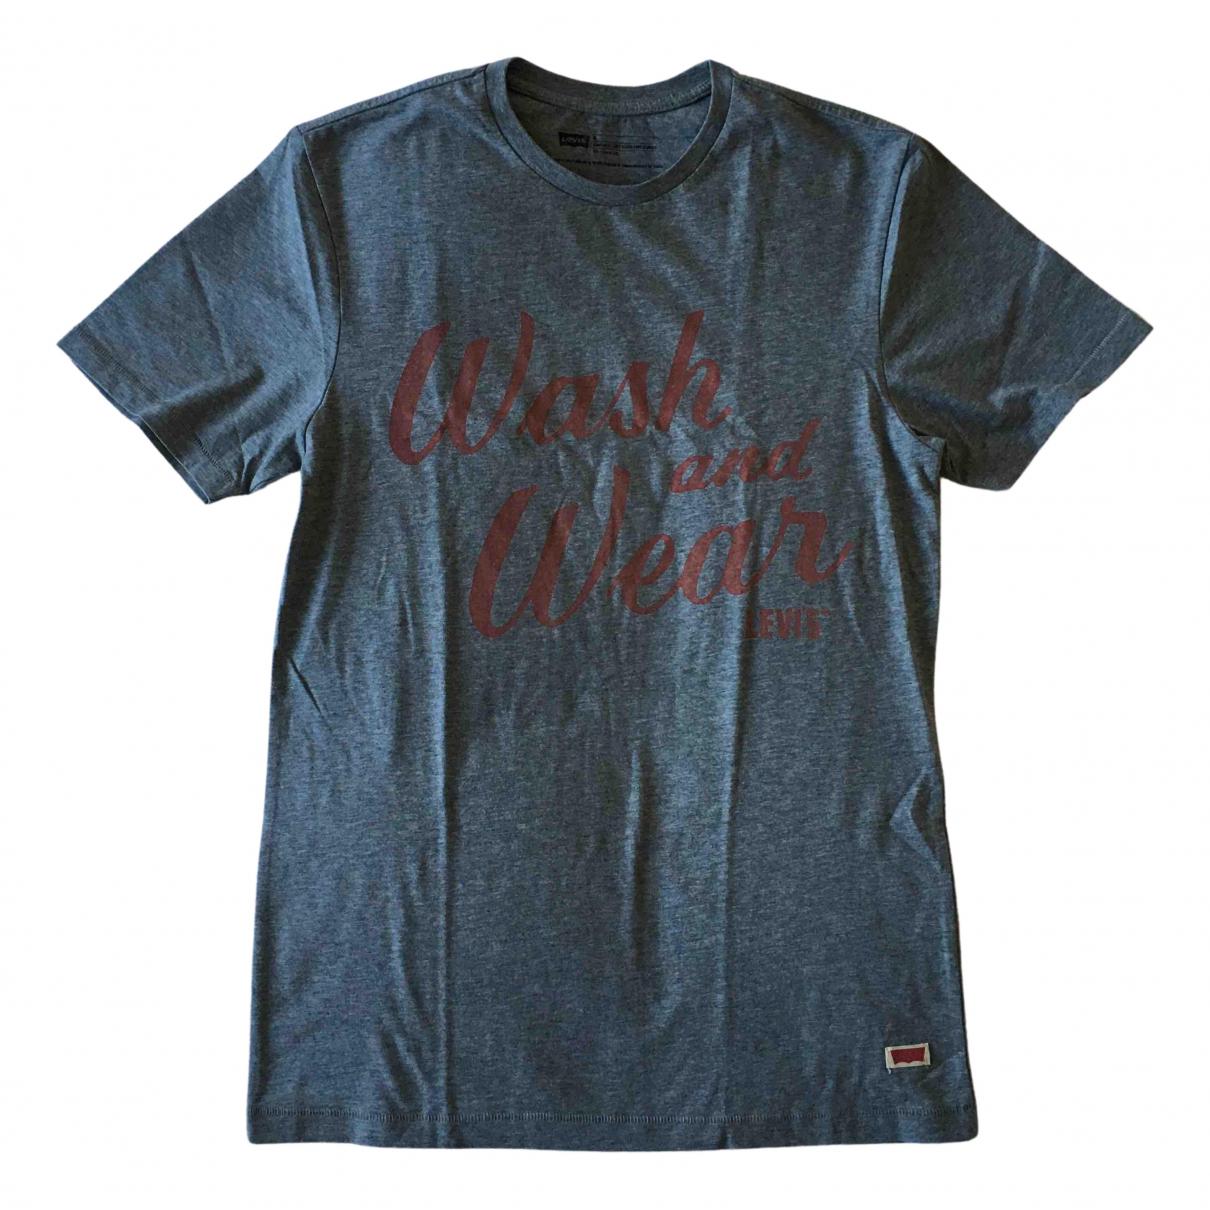 Levis - Tee shirts   pour homme en coton - gris